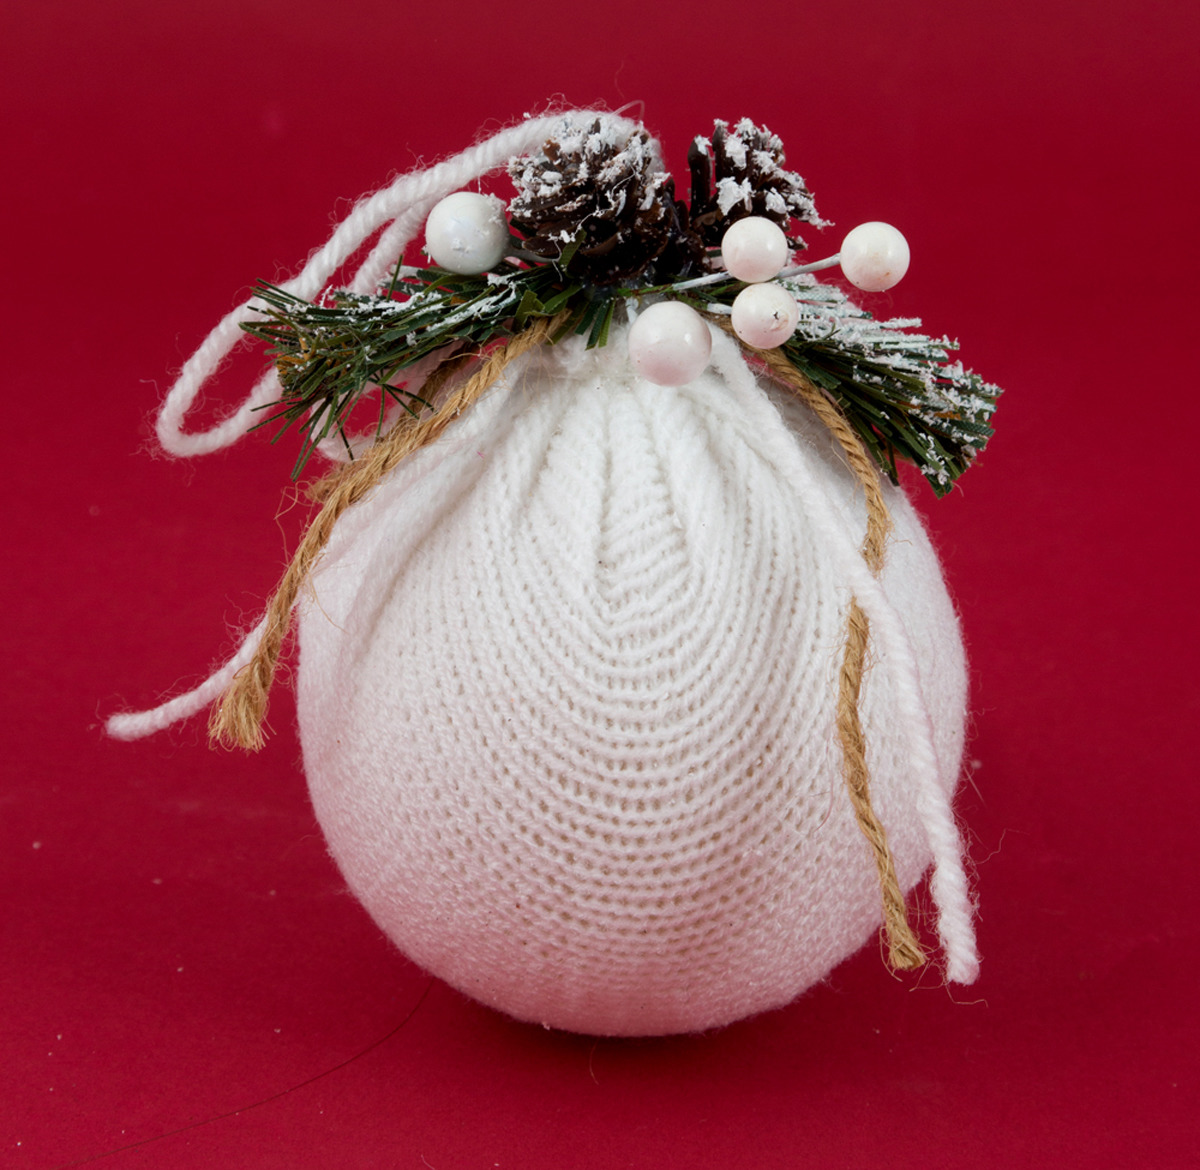 Игрушка ёлочная Русские подарки Шар, 8 см. 170203 игрушка ёлочная русские подарки зимние мотивы олень 8 х 1 х 8 см